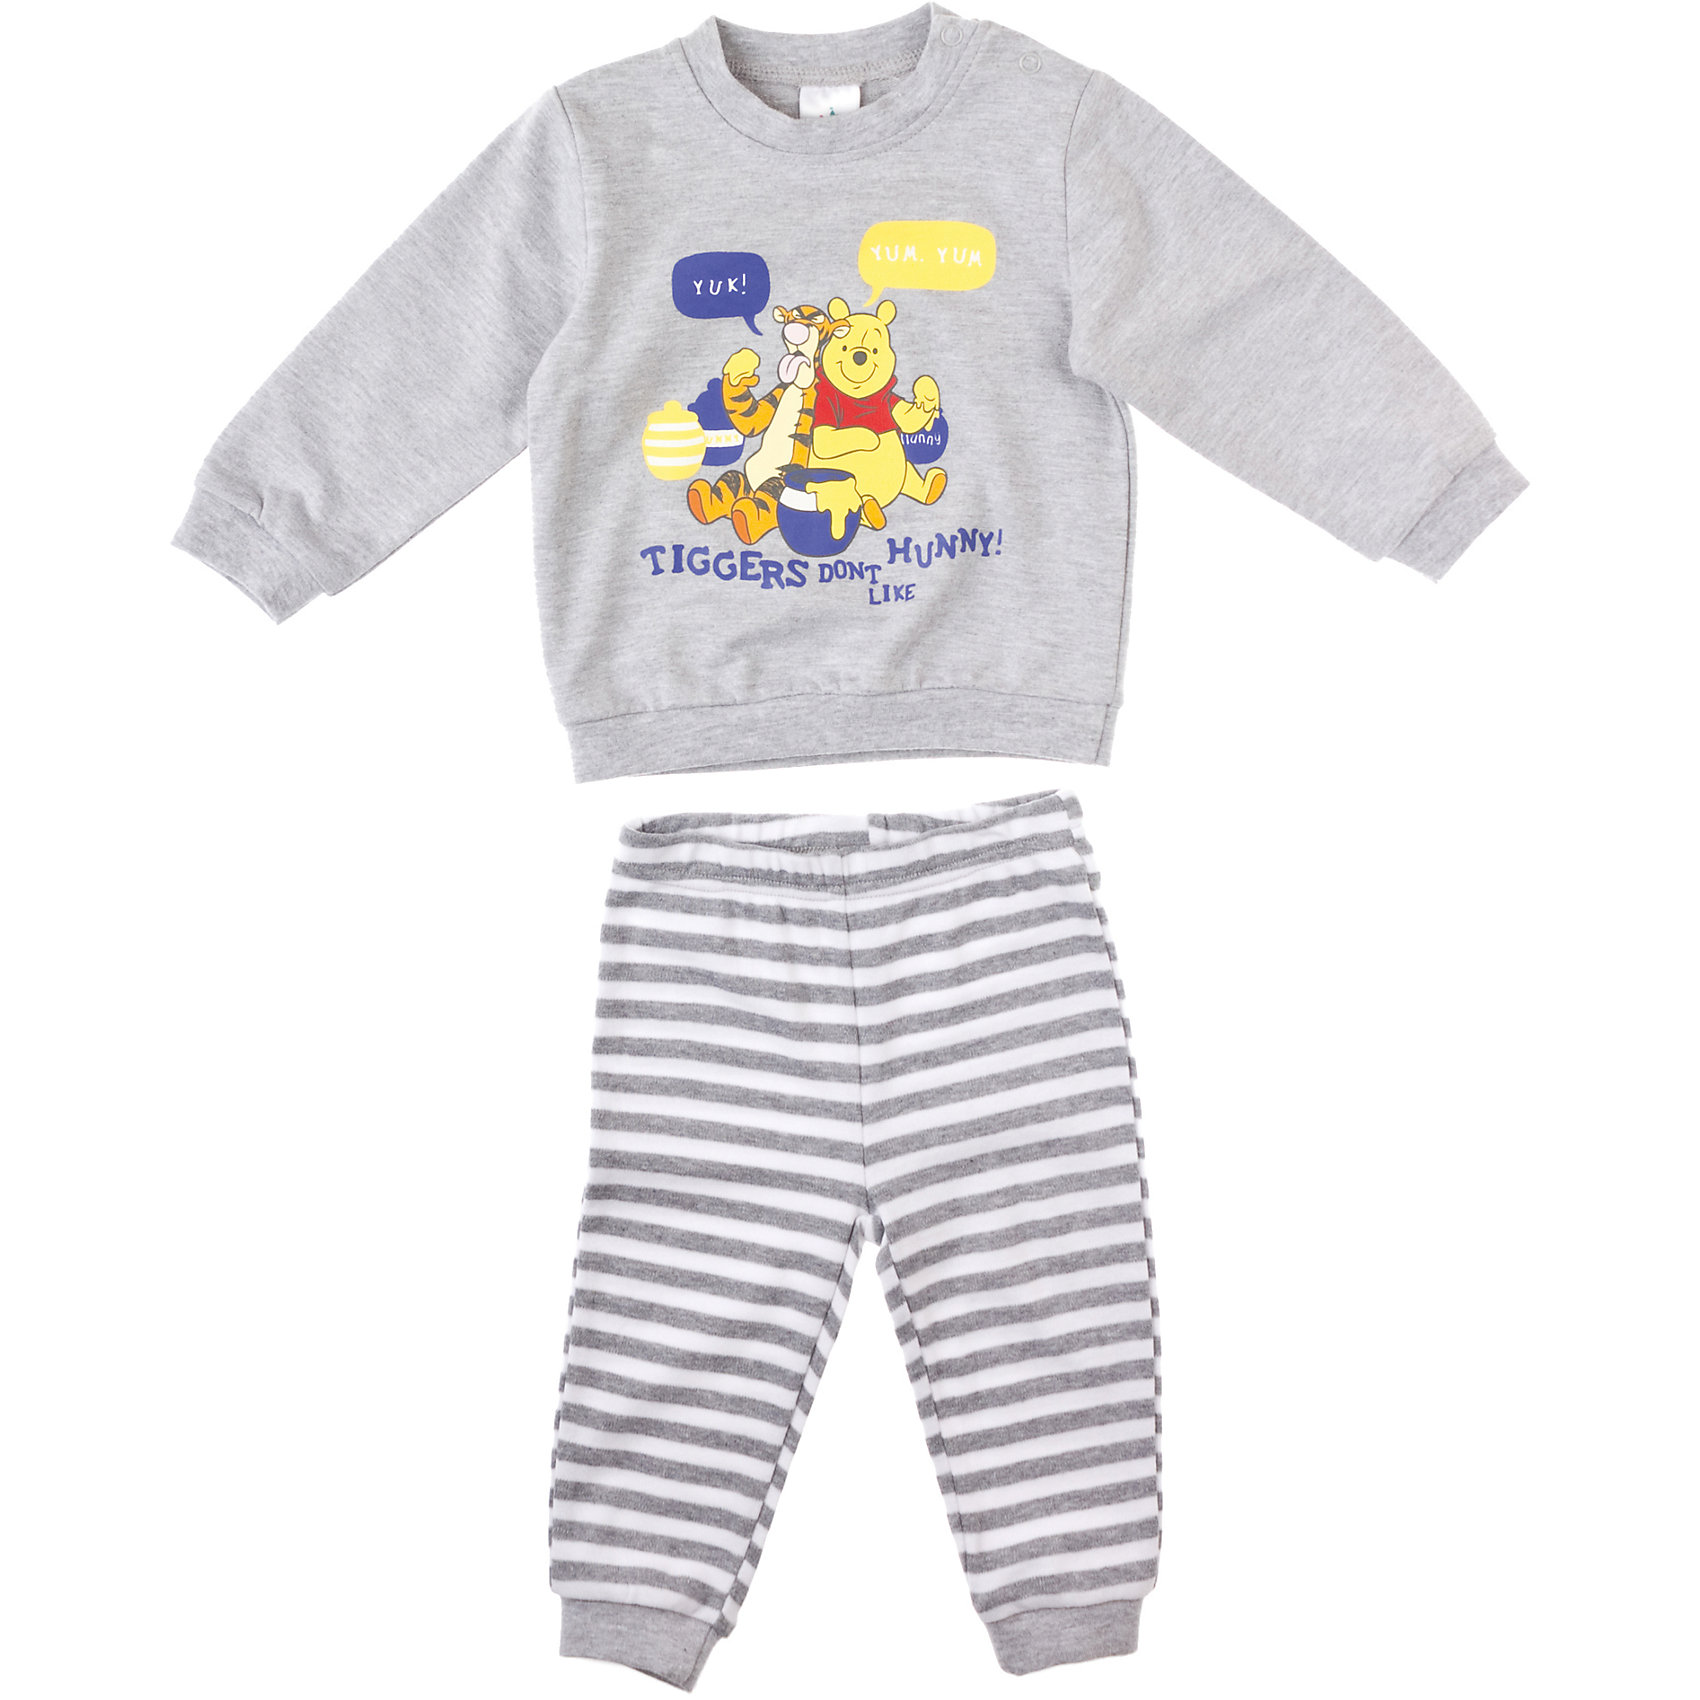 Комплект: толстовка и брюки для мальчика PlayTodayКомплекты<br>Комплект: толстовка и брюки для мальчика PlayToday Комплект из стопроцентного хлопка для новорожденных на каждый день. Толстовка украшена принтом с Винни Пухом и Тигрой. Состав: 100% хлопок<br><br>Ширина мм: 190<br>Глубина мм: 74<br>Высота мм: 229<br>Вес г: 236<br>Цвет: светло-серый<br>Возраст от месяцев: 0<br>Возраст до месяцев: 3<br>Пол: Мужской<br>Возраст: Детский<br>Размер: 56,74,68,62<br>SKU: 4229683